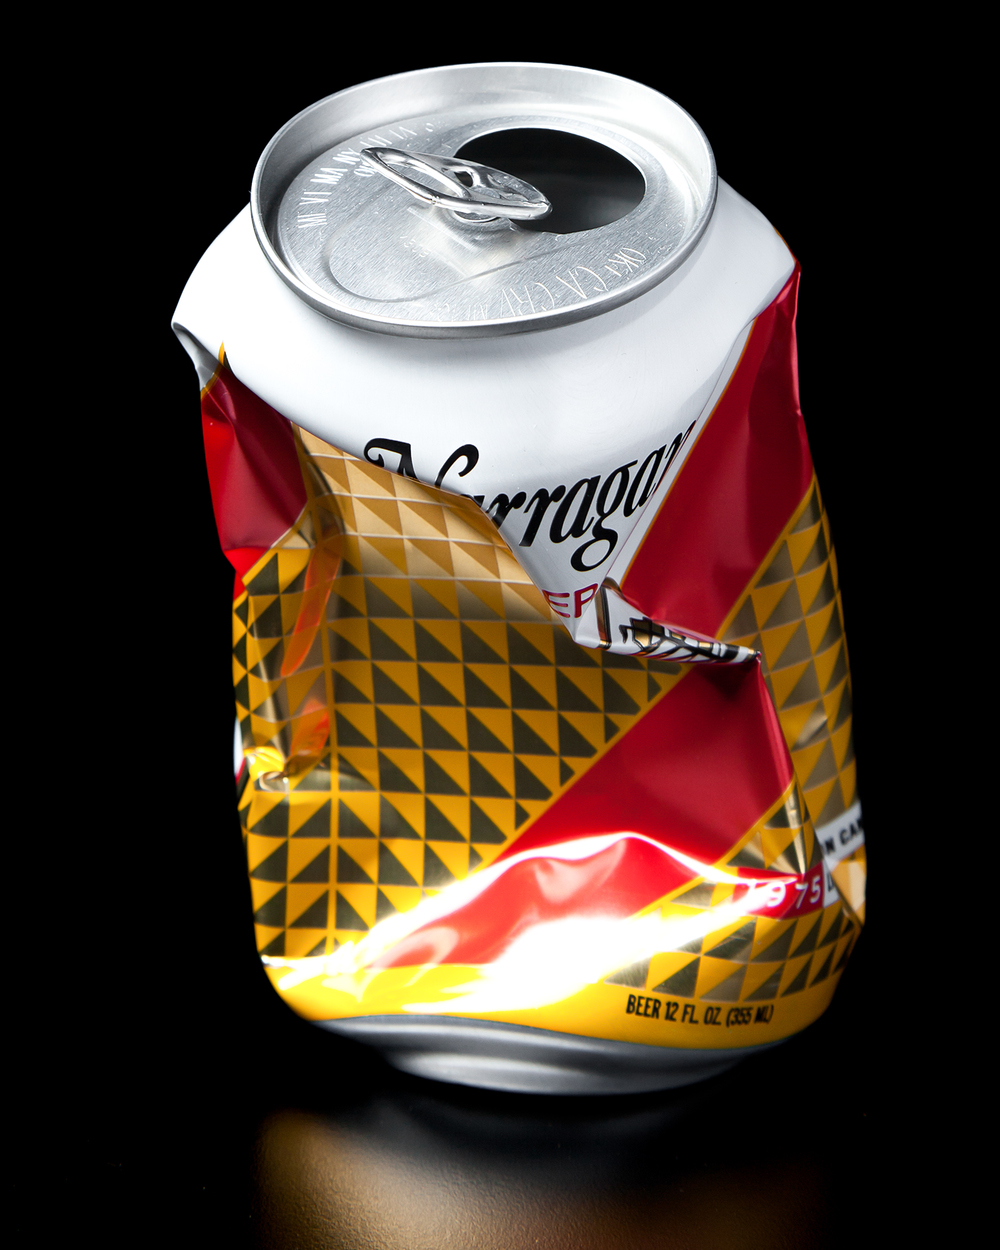 034 beer can 02.jpg